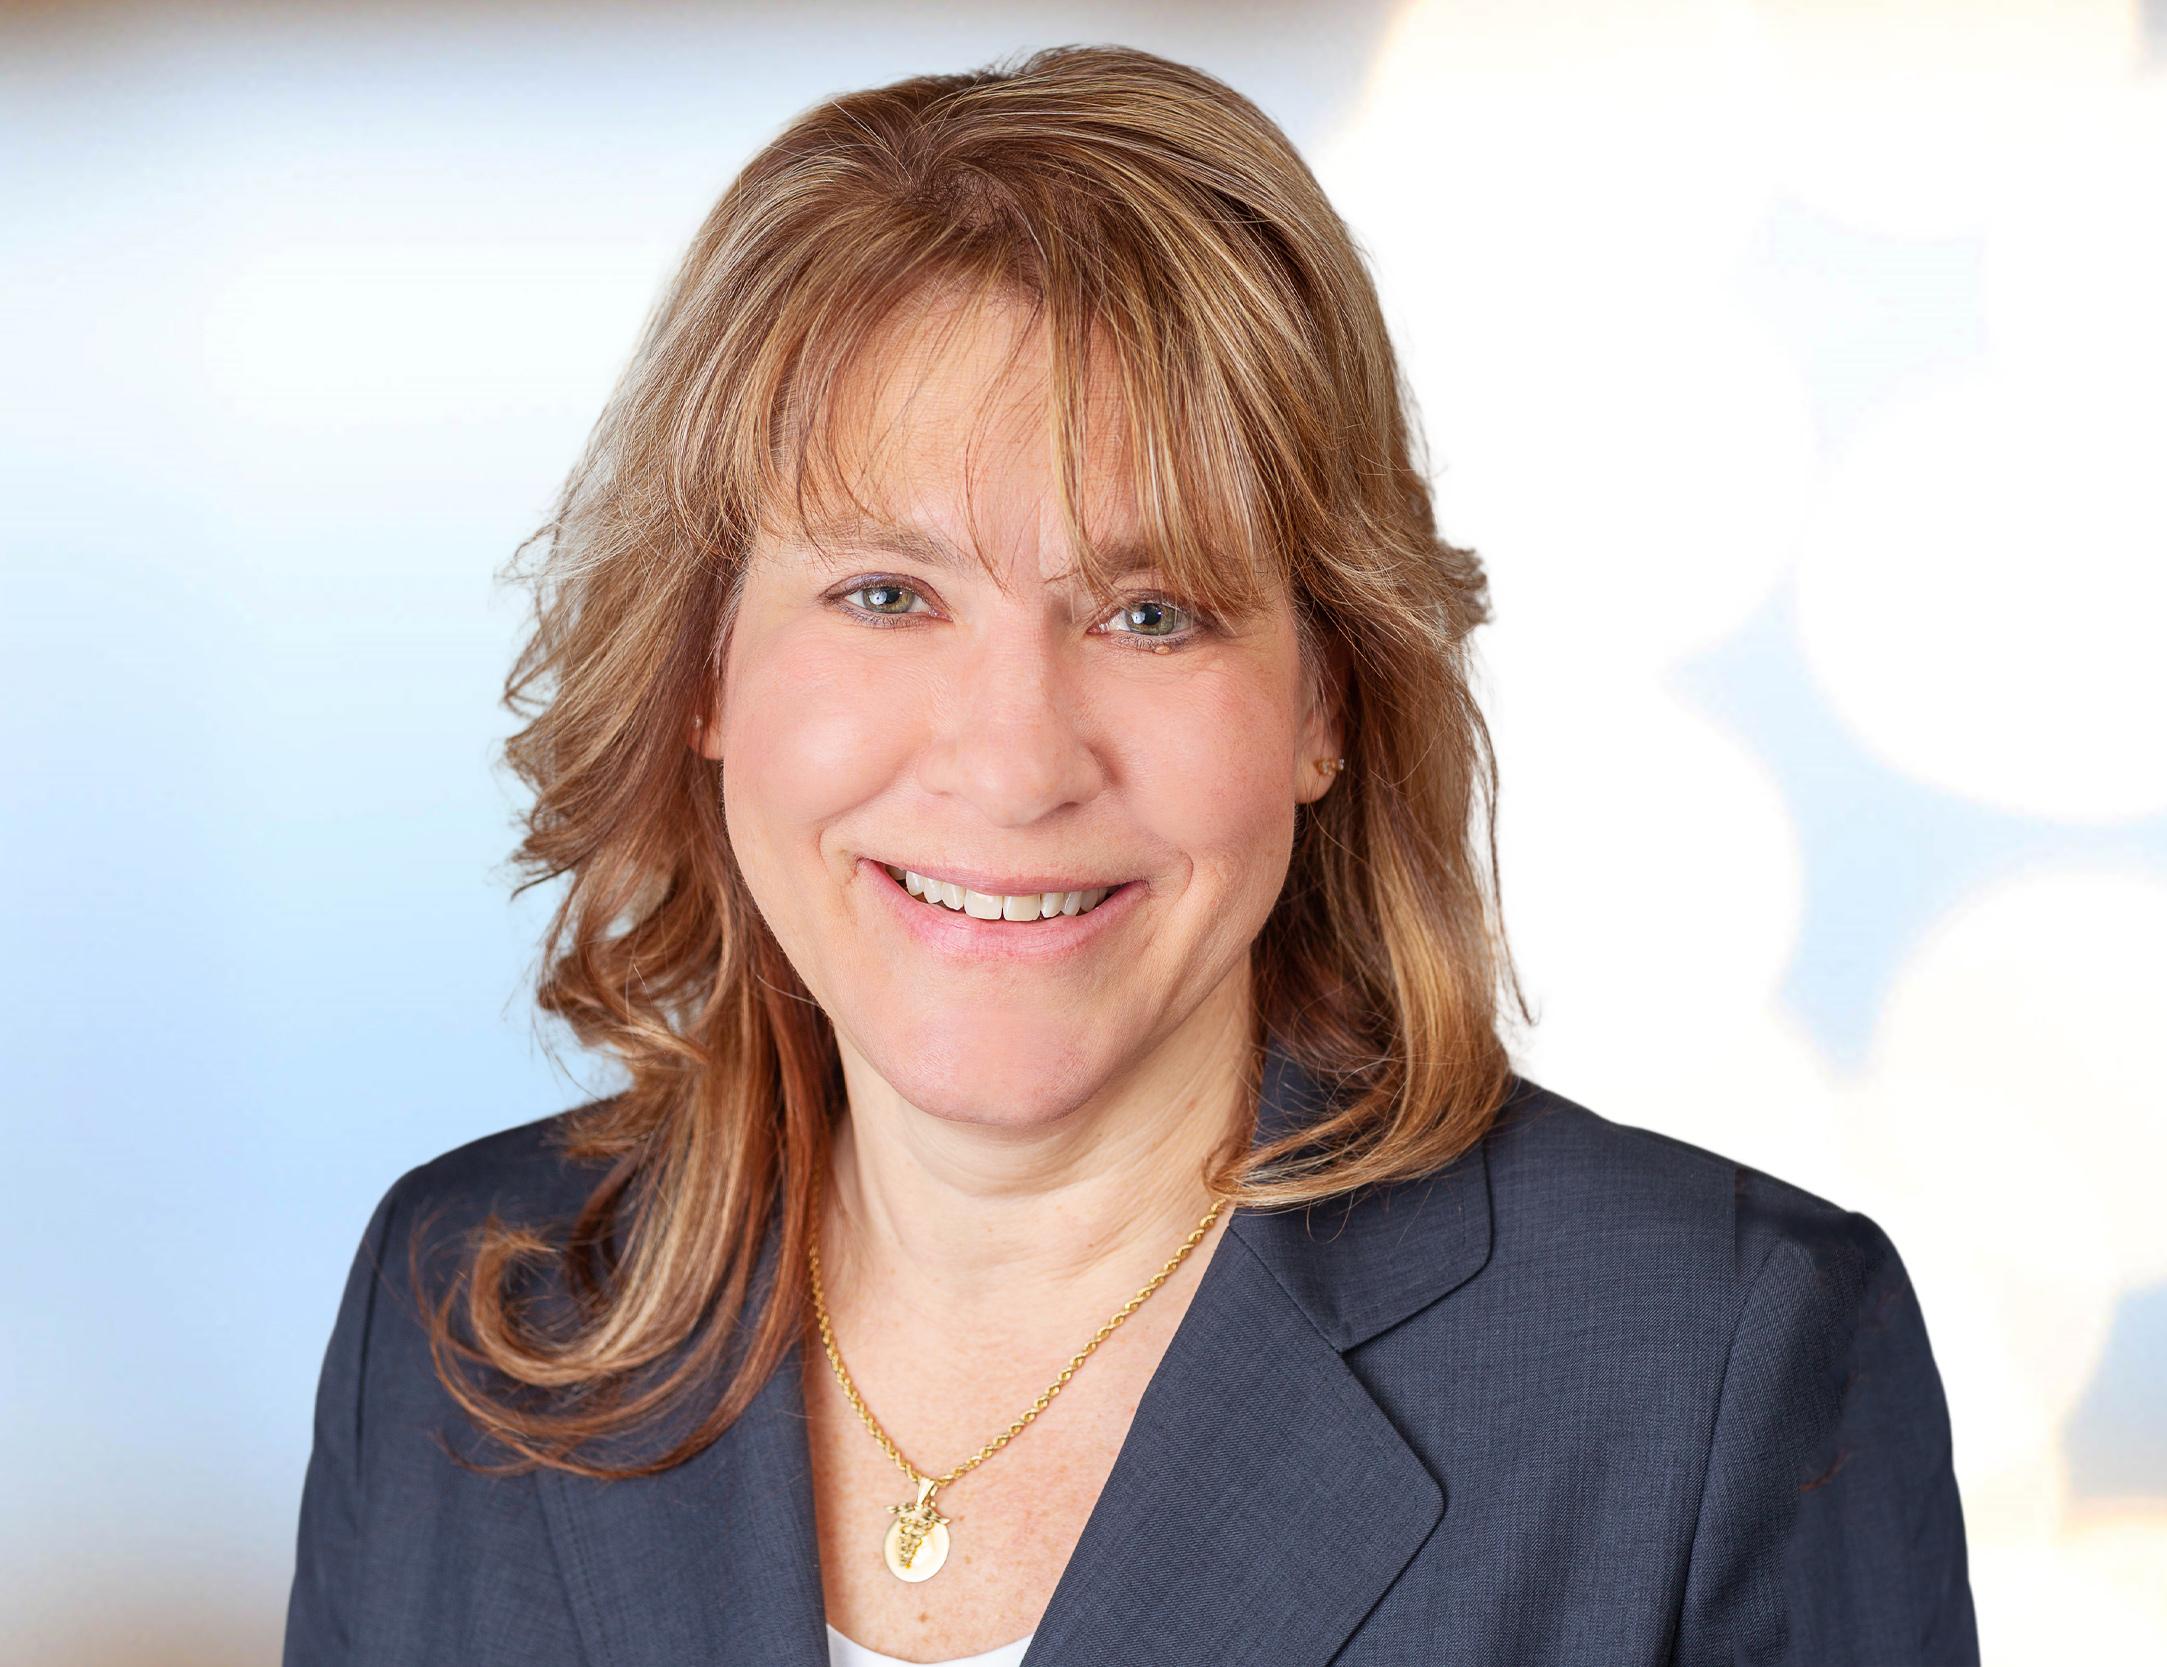 Eileen Gerson